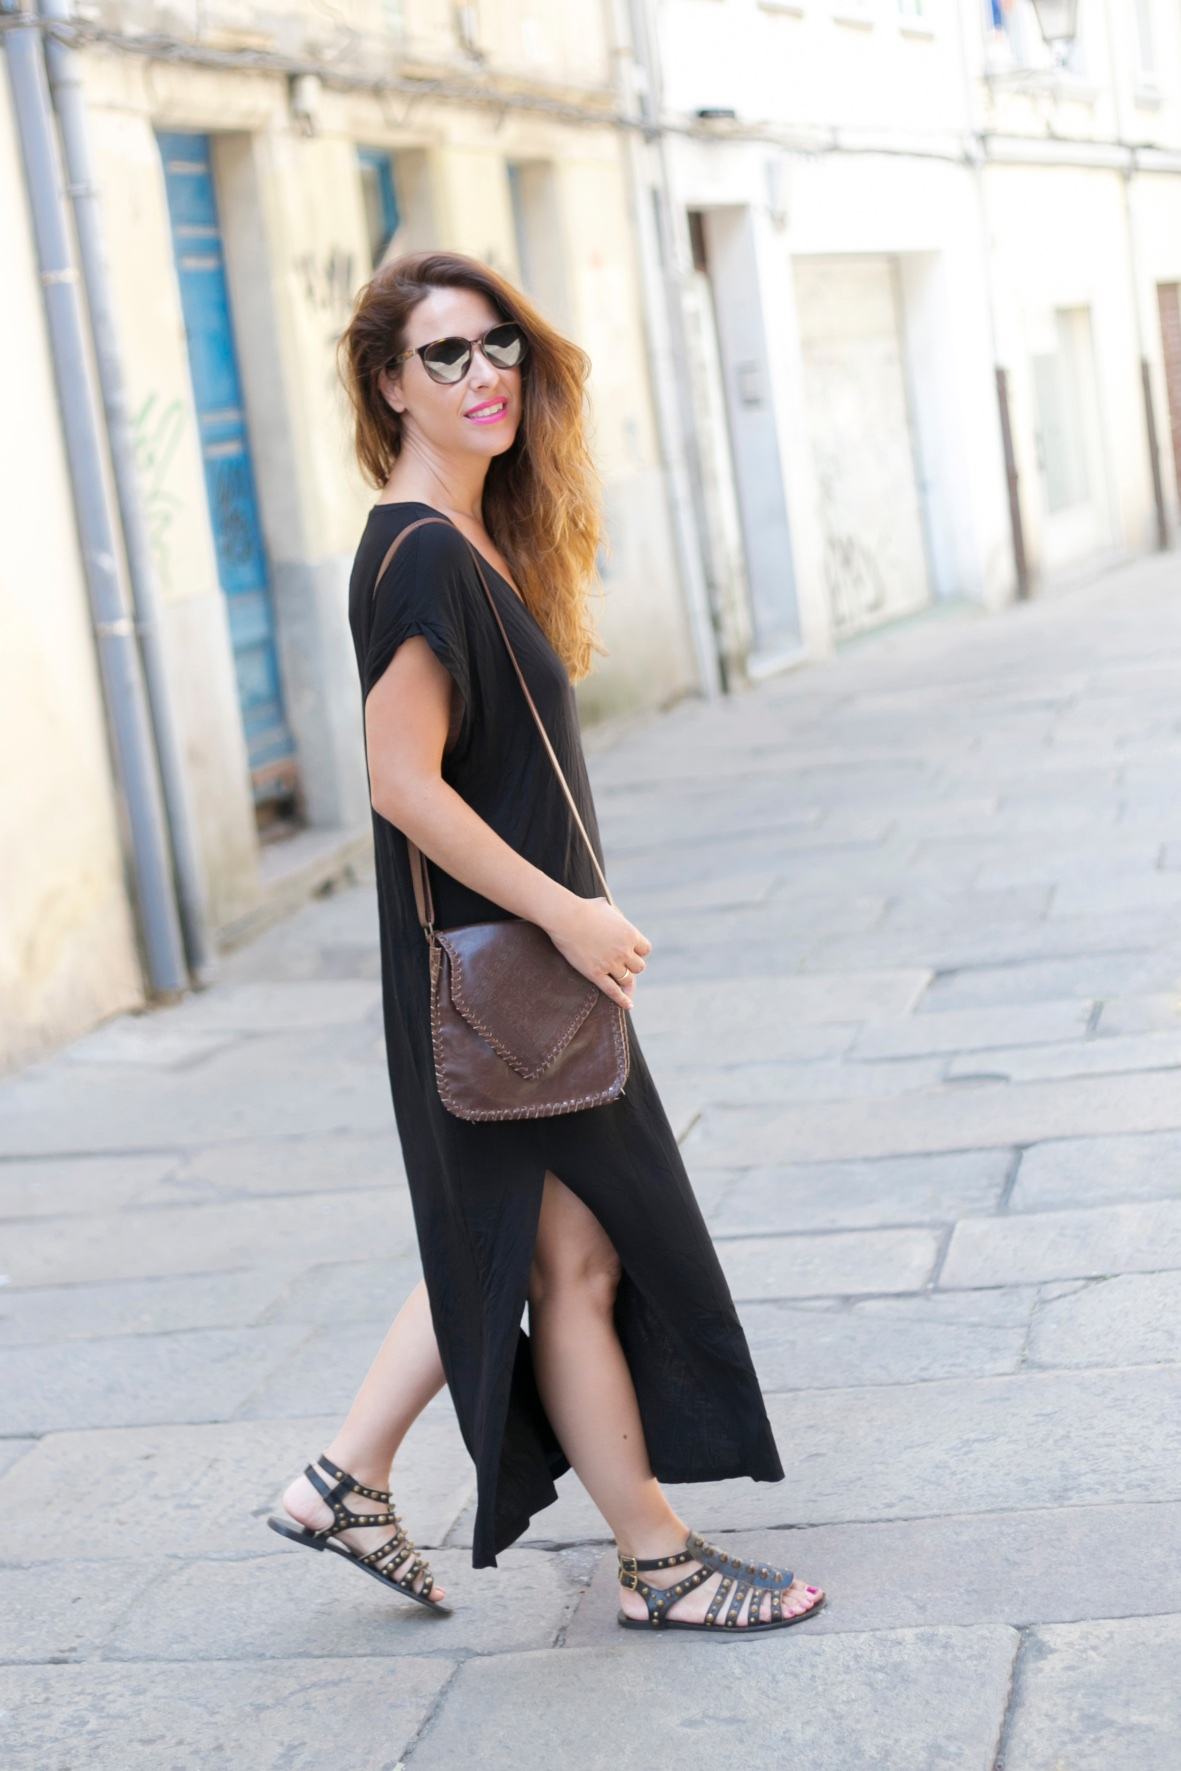 mommyblogger-descalzaporelparque-zara-look-coruña-hazel-sandal